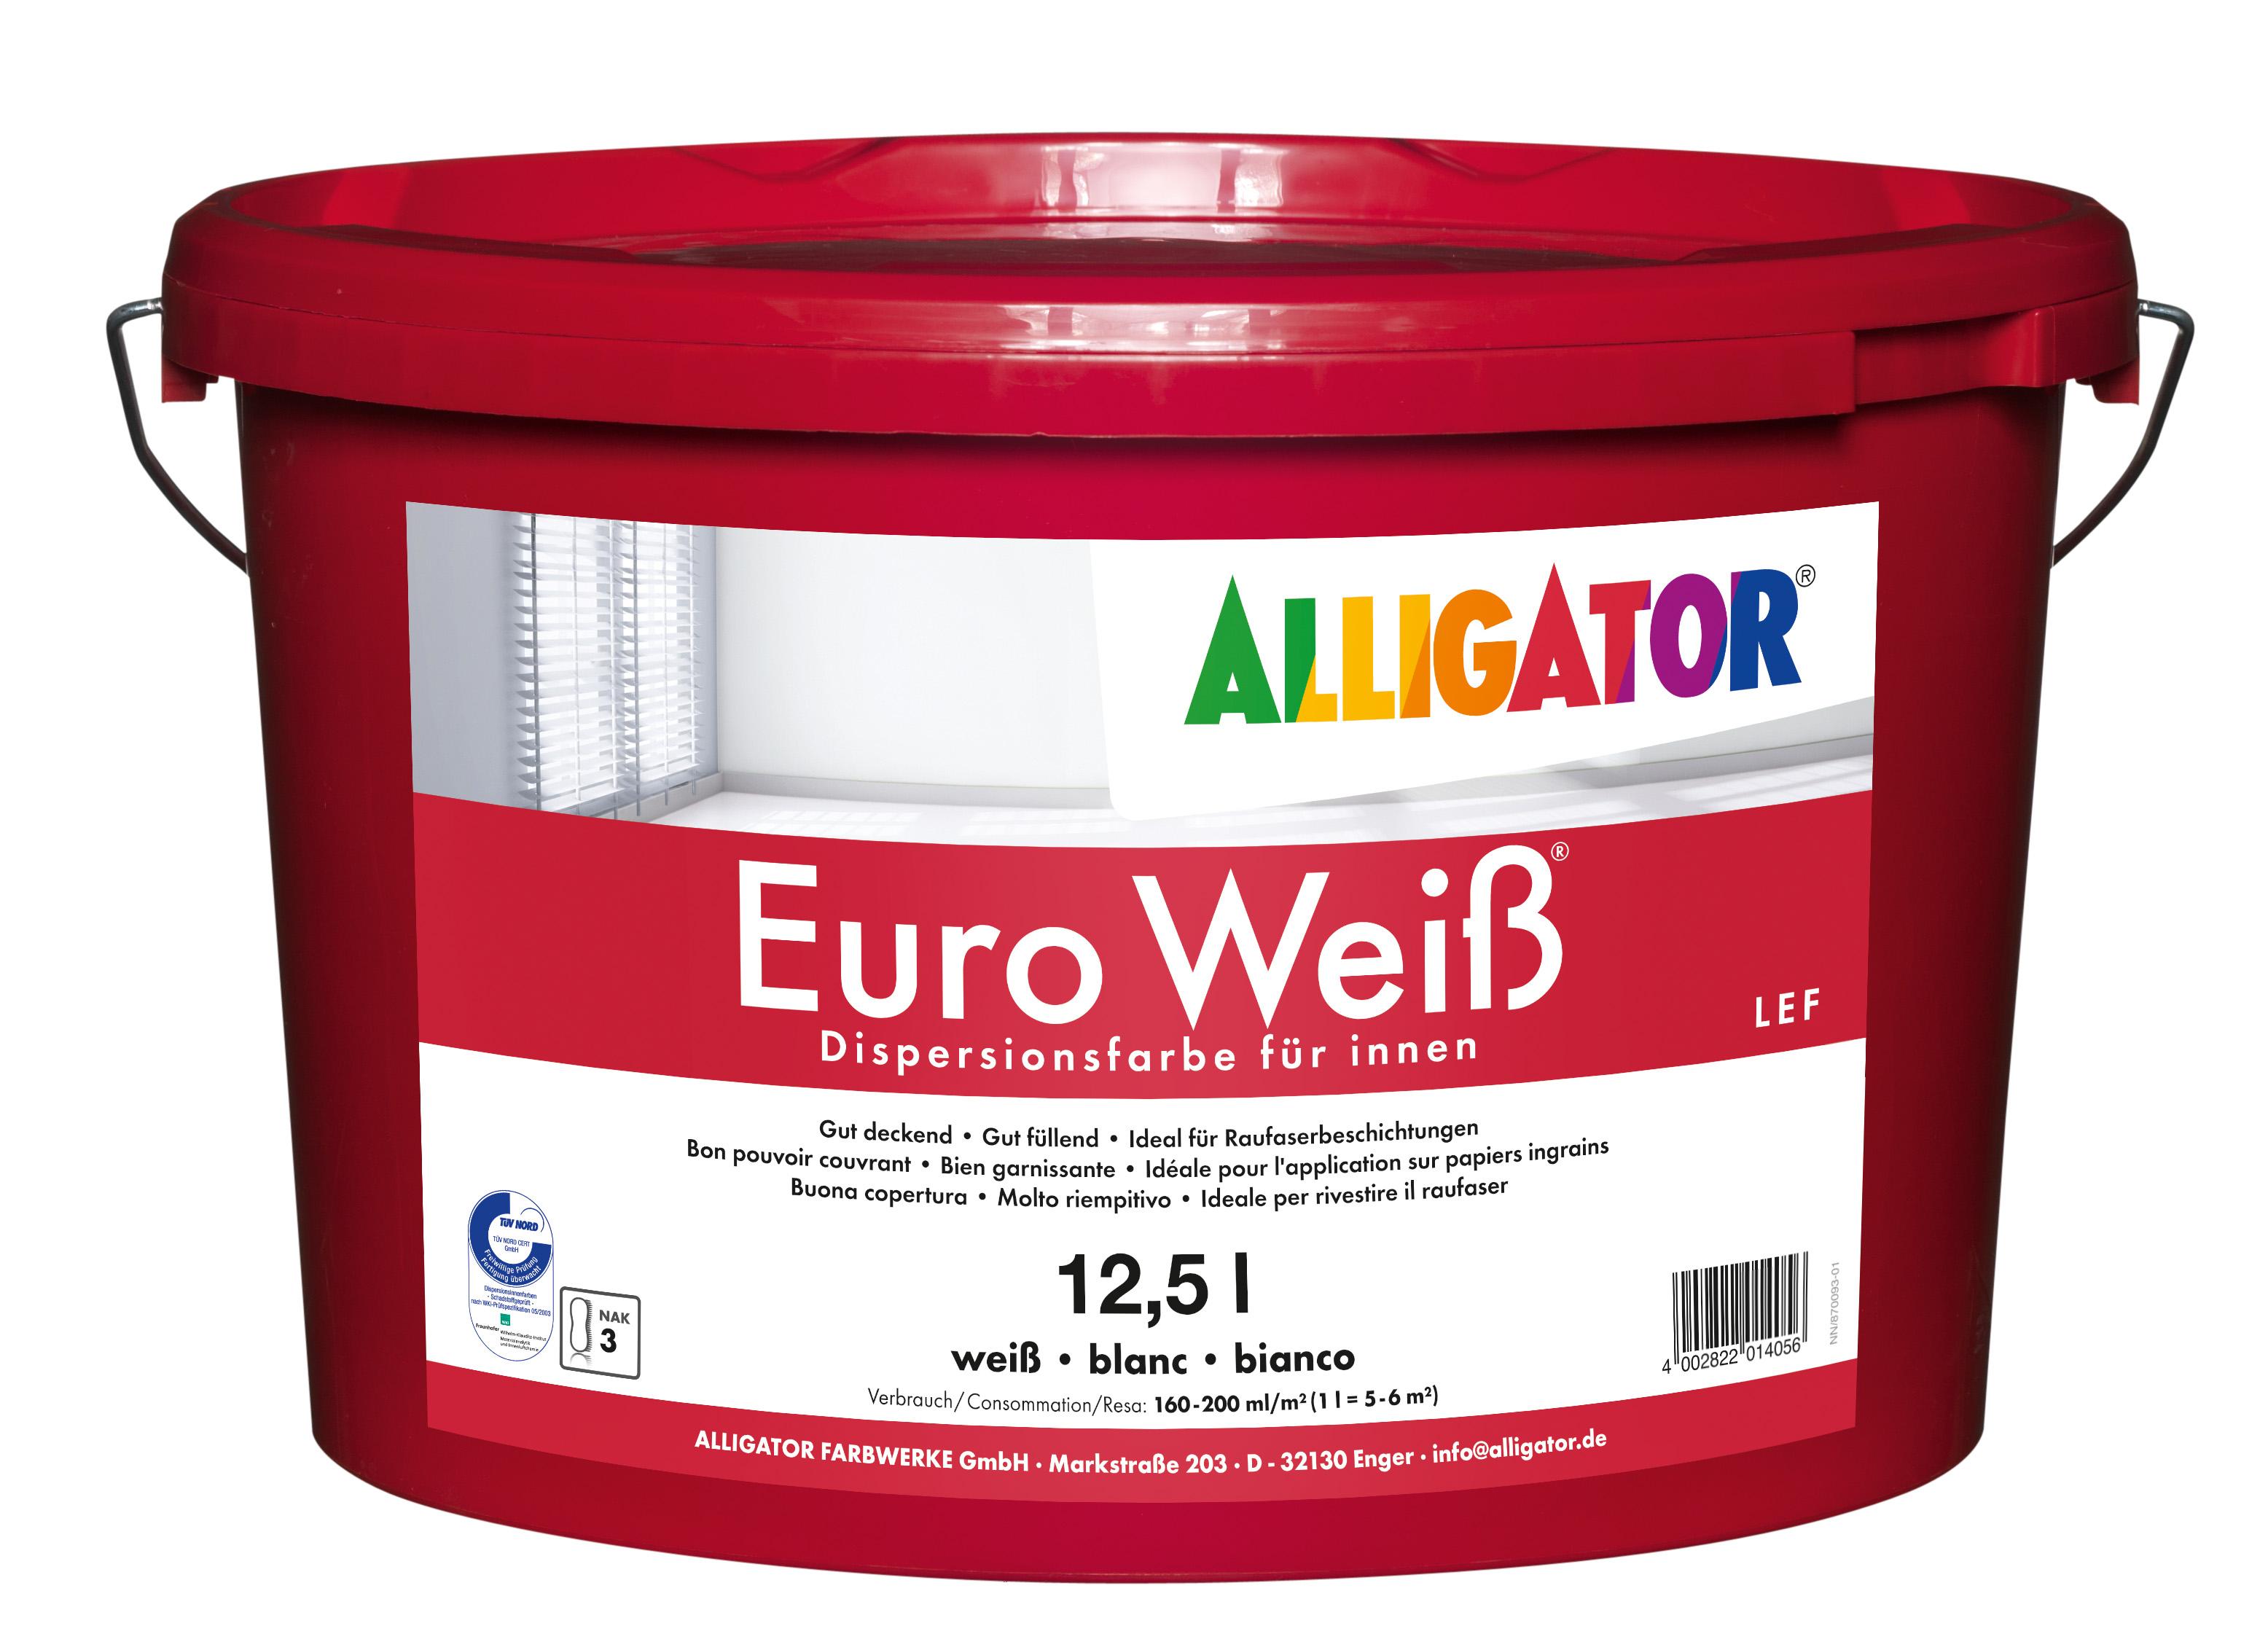 Euro wei lef pittura traspirante e lavabile per interni - Migliore pittura lavabile per interni ...